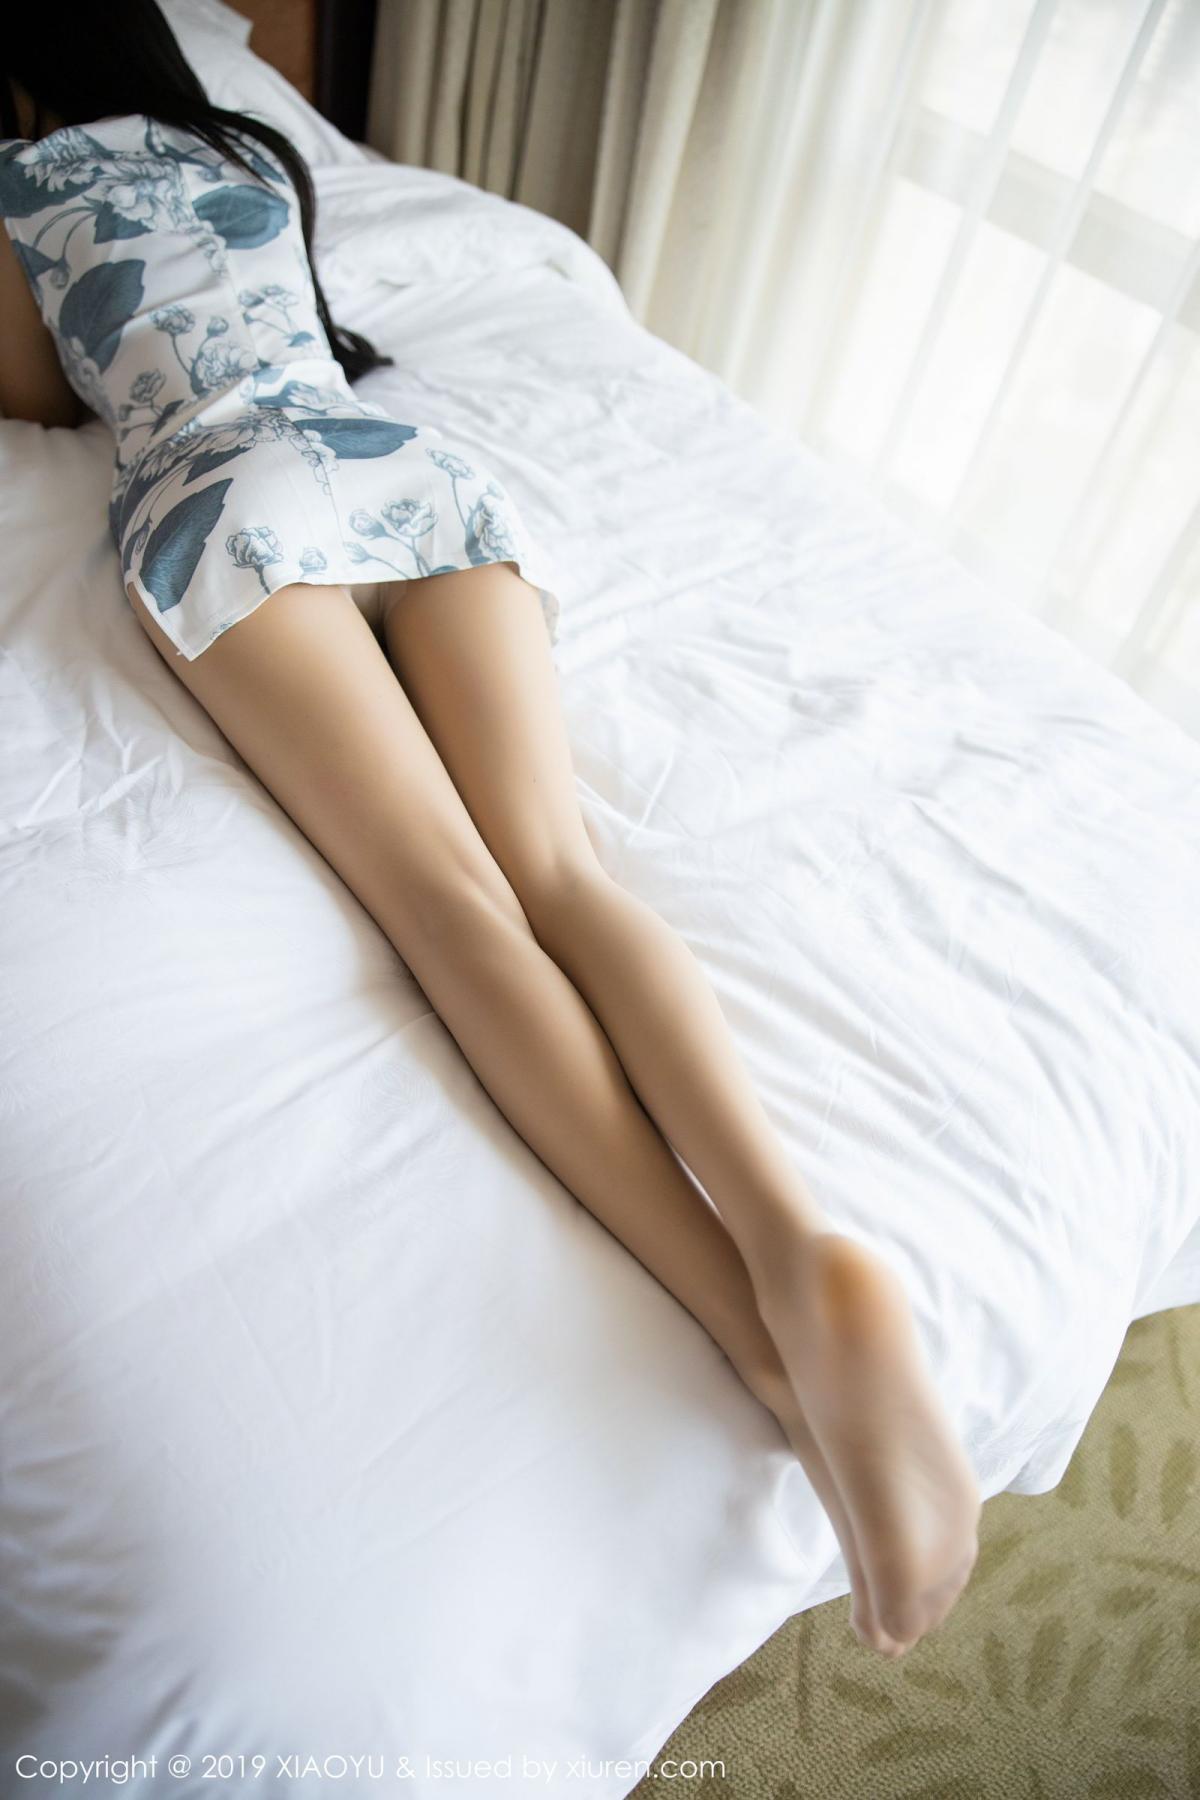 [XiaoYu] Vol.200 Miko Jiang 70P, Miko Jiang, Slim, Tall, Underwear, XiaoYu